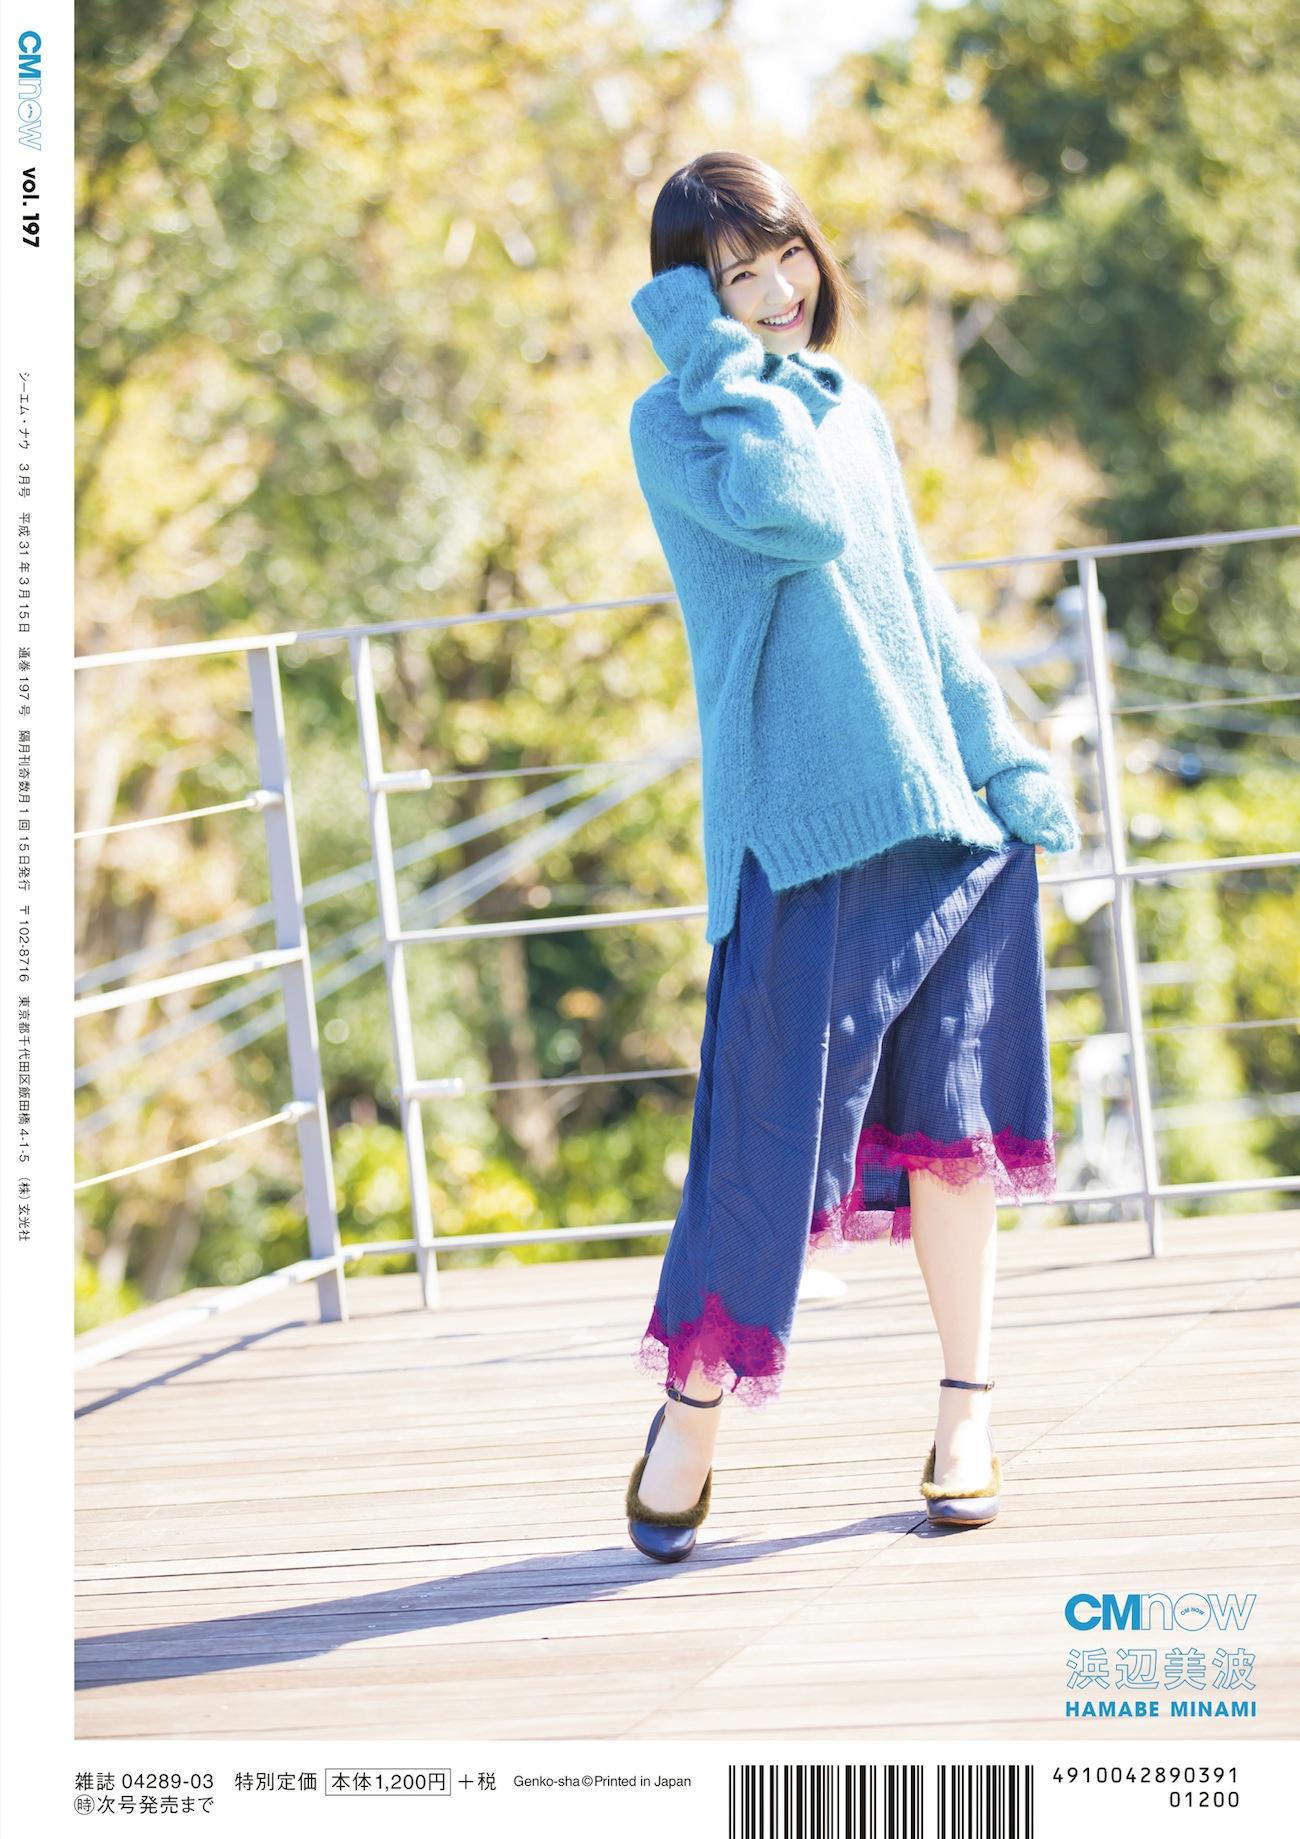 浜辺美波/「CMNOW Vol.197」